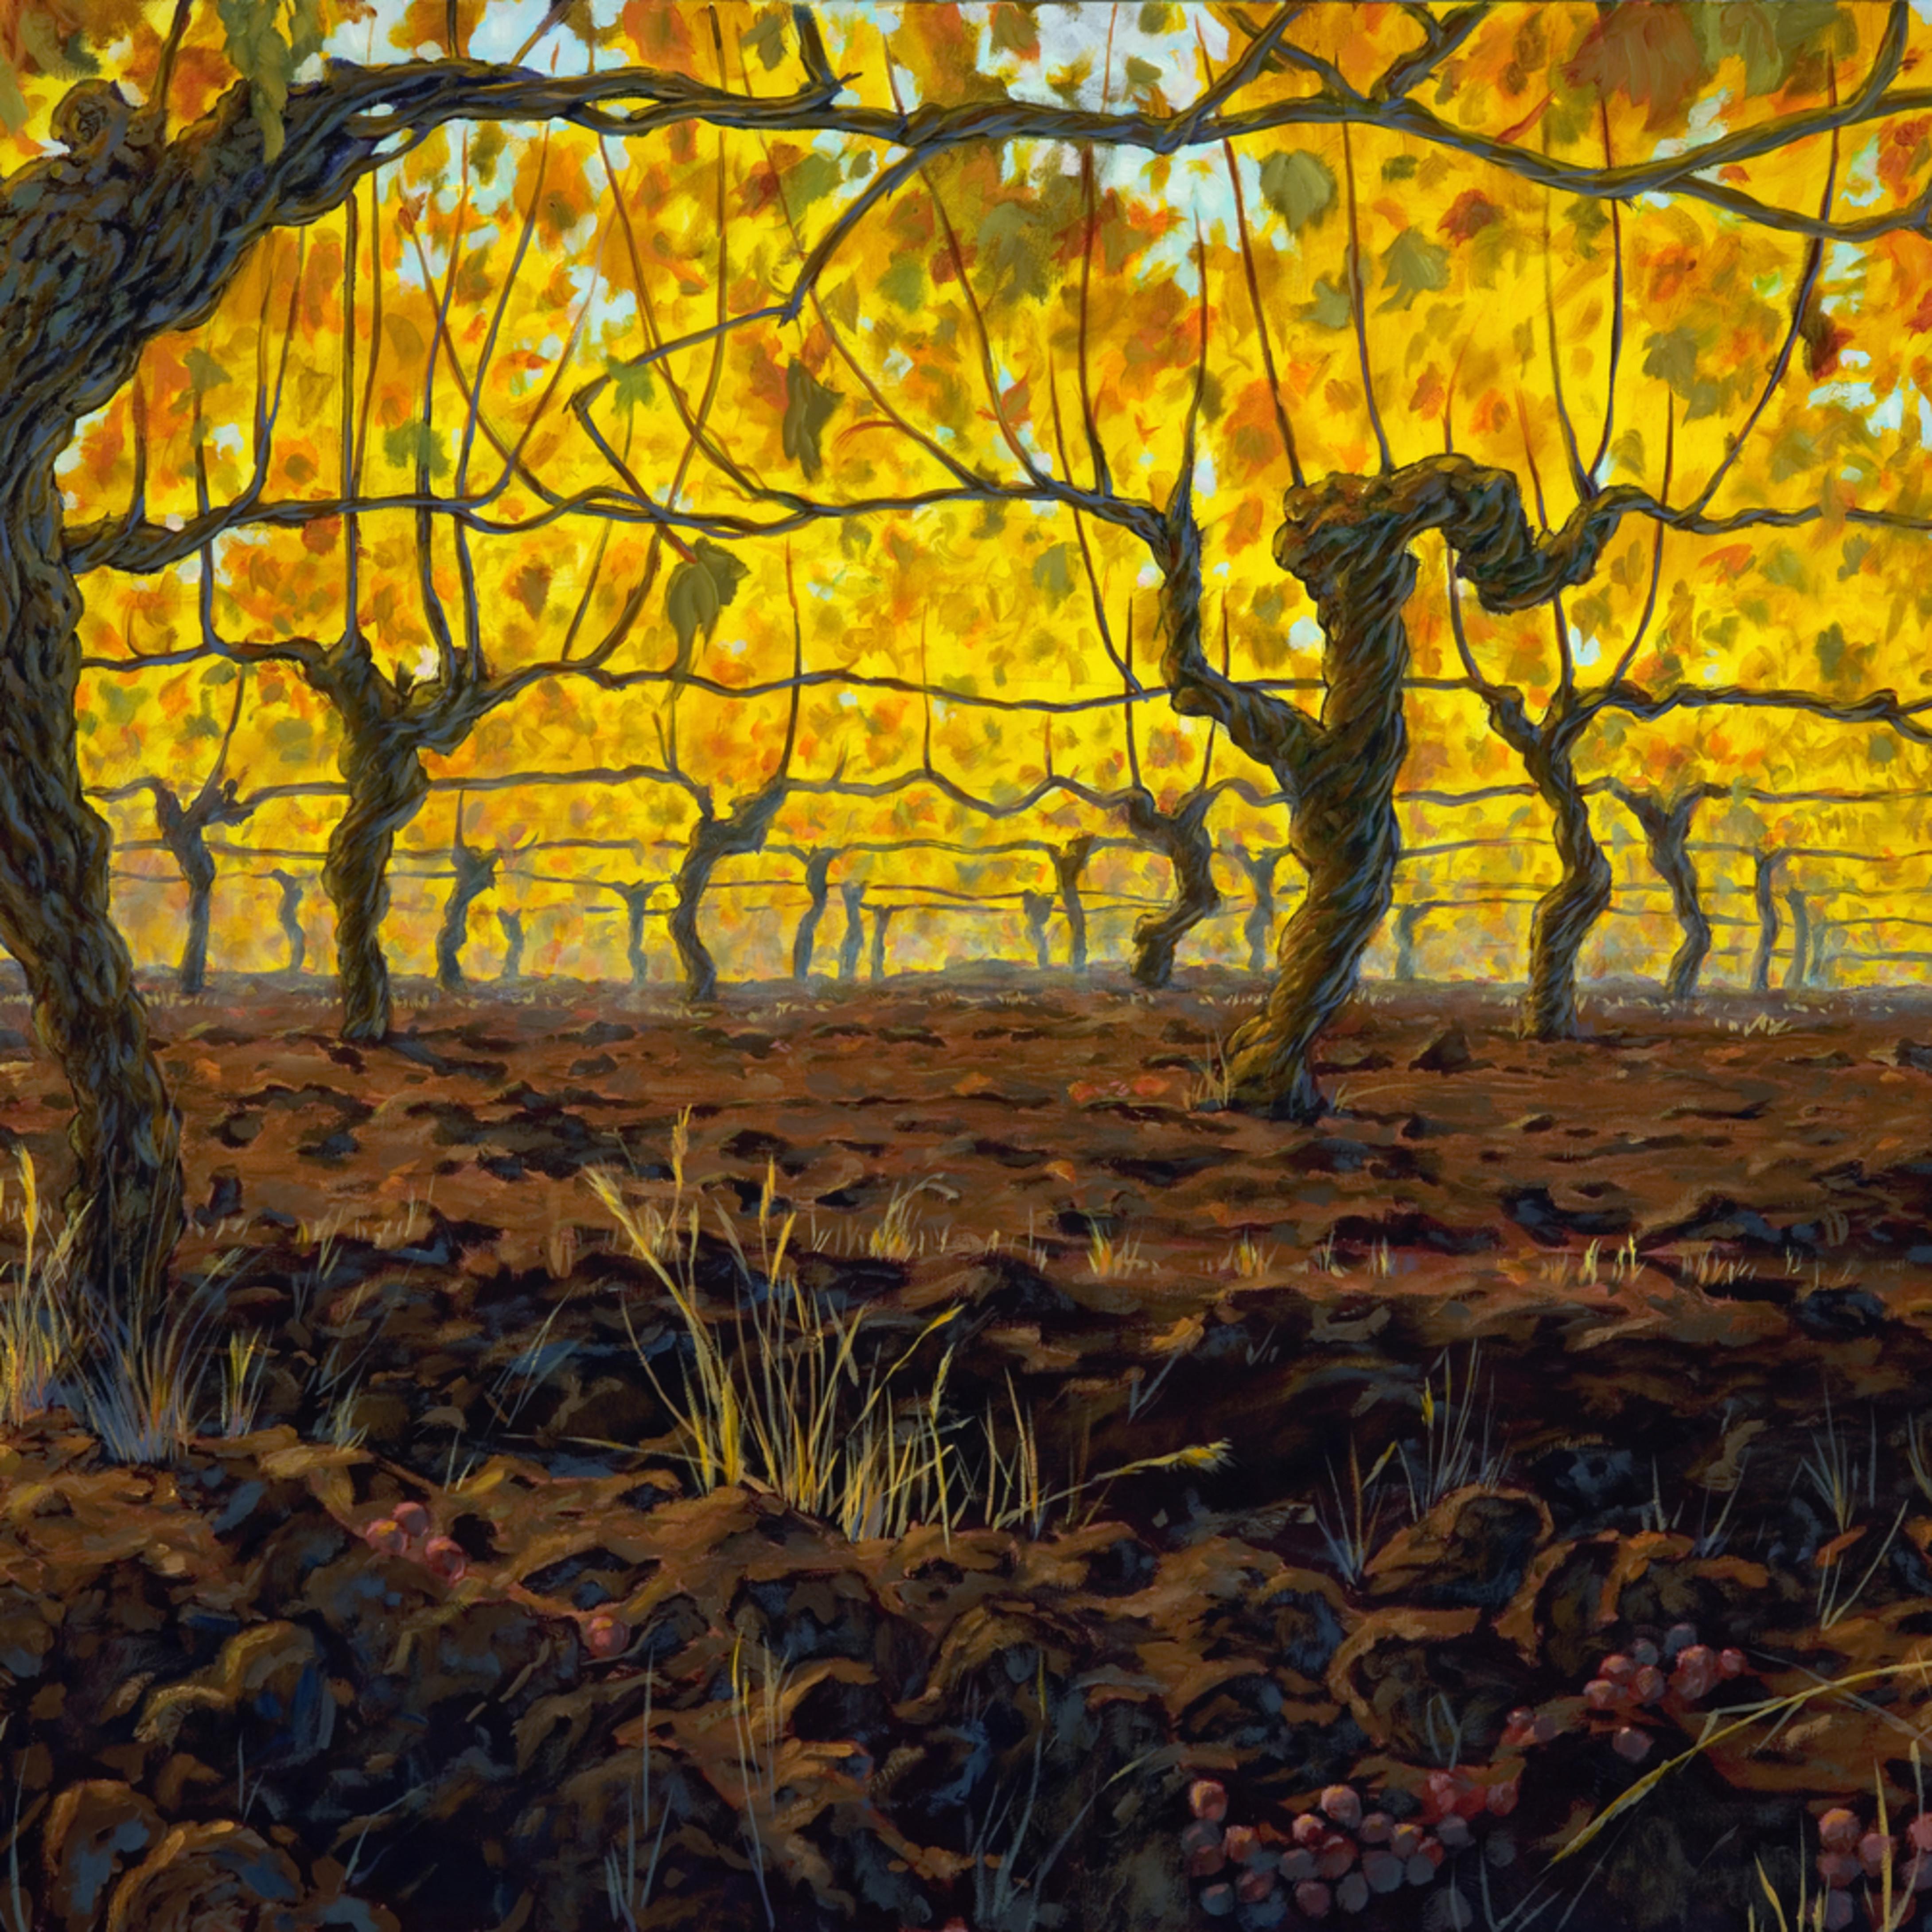 Giclee golden vines kb2oe2